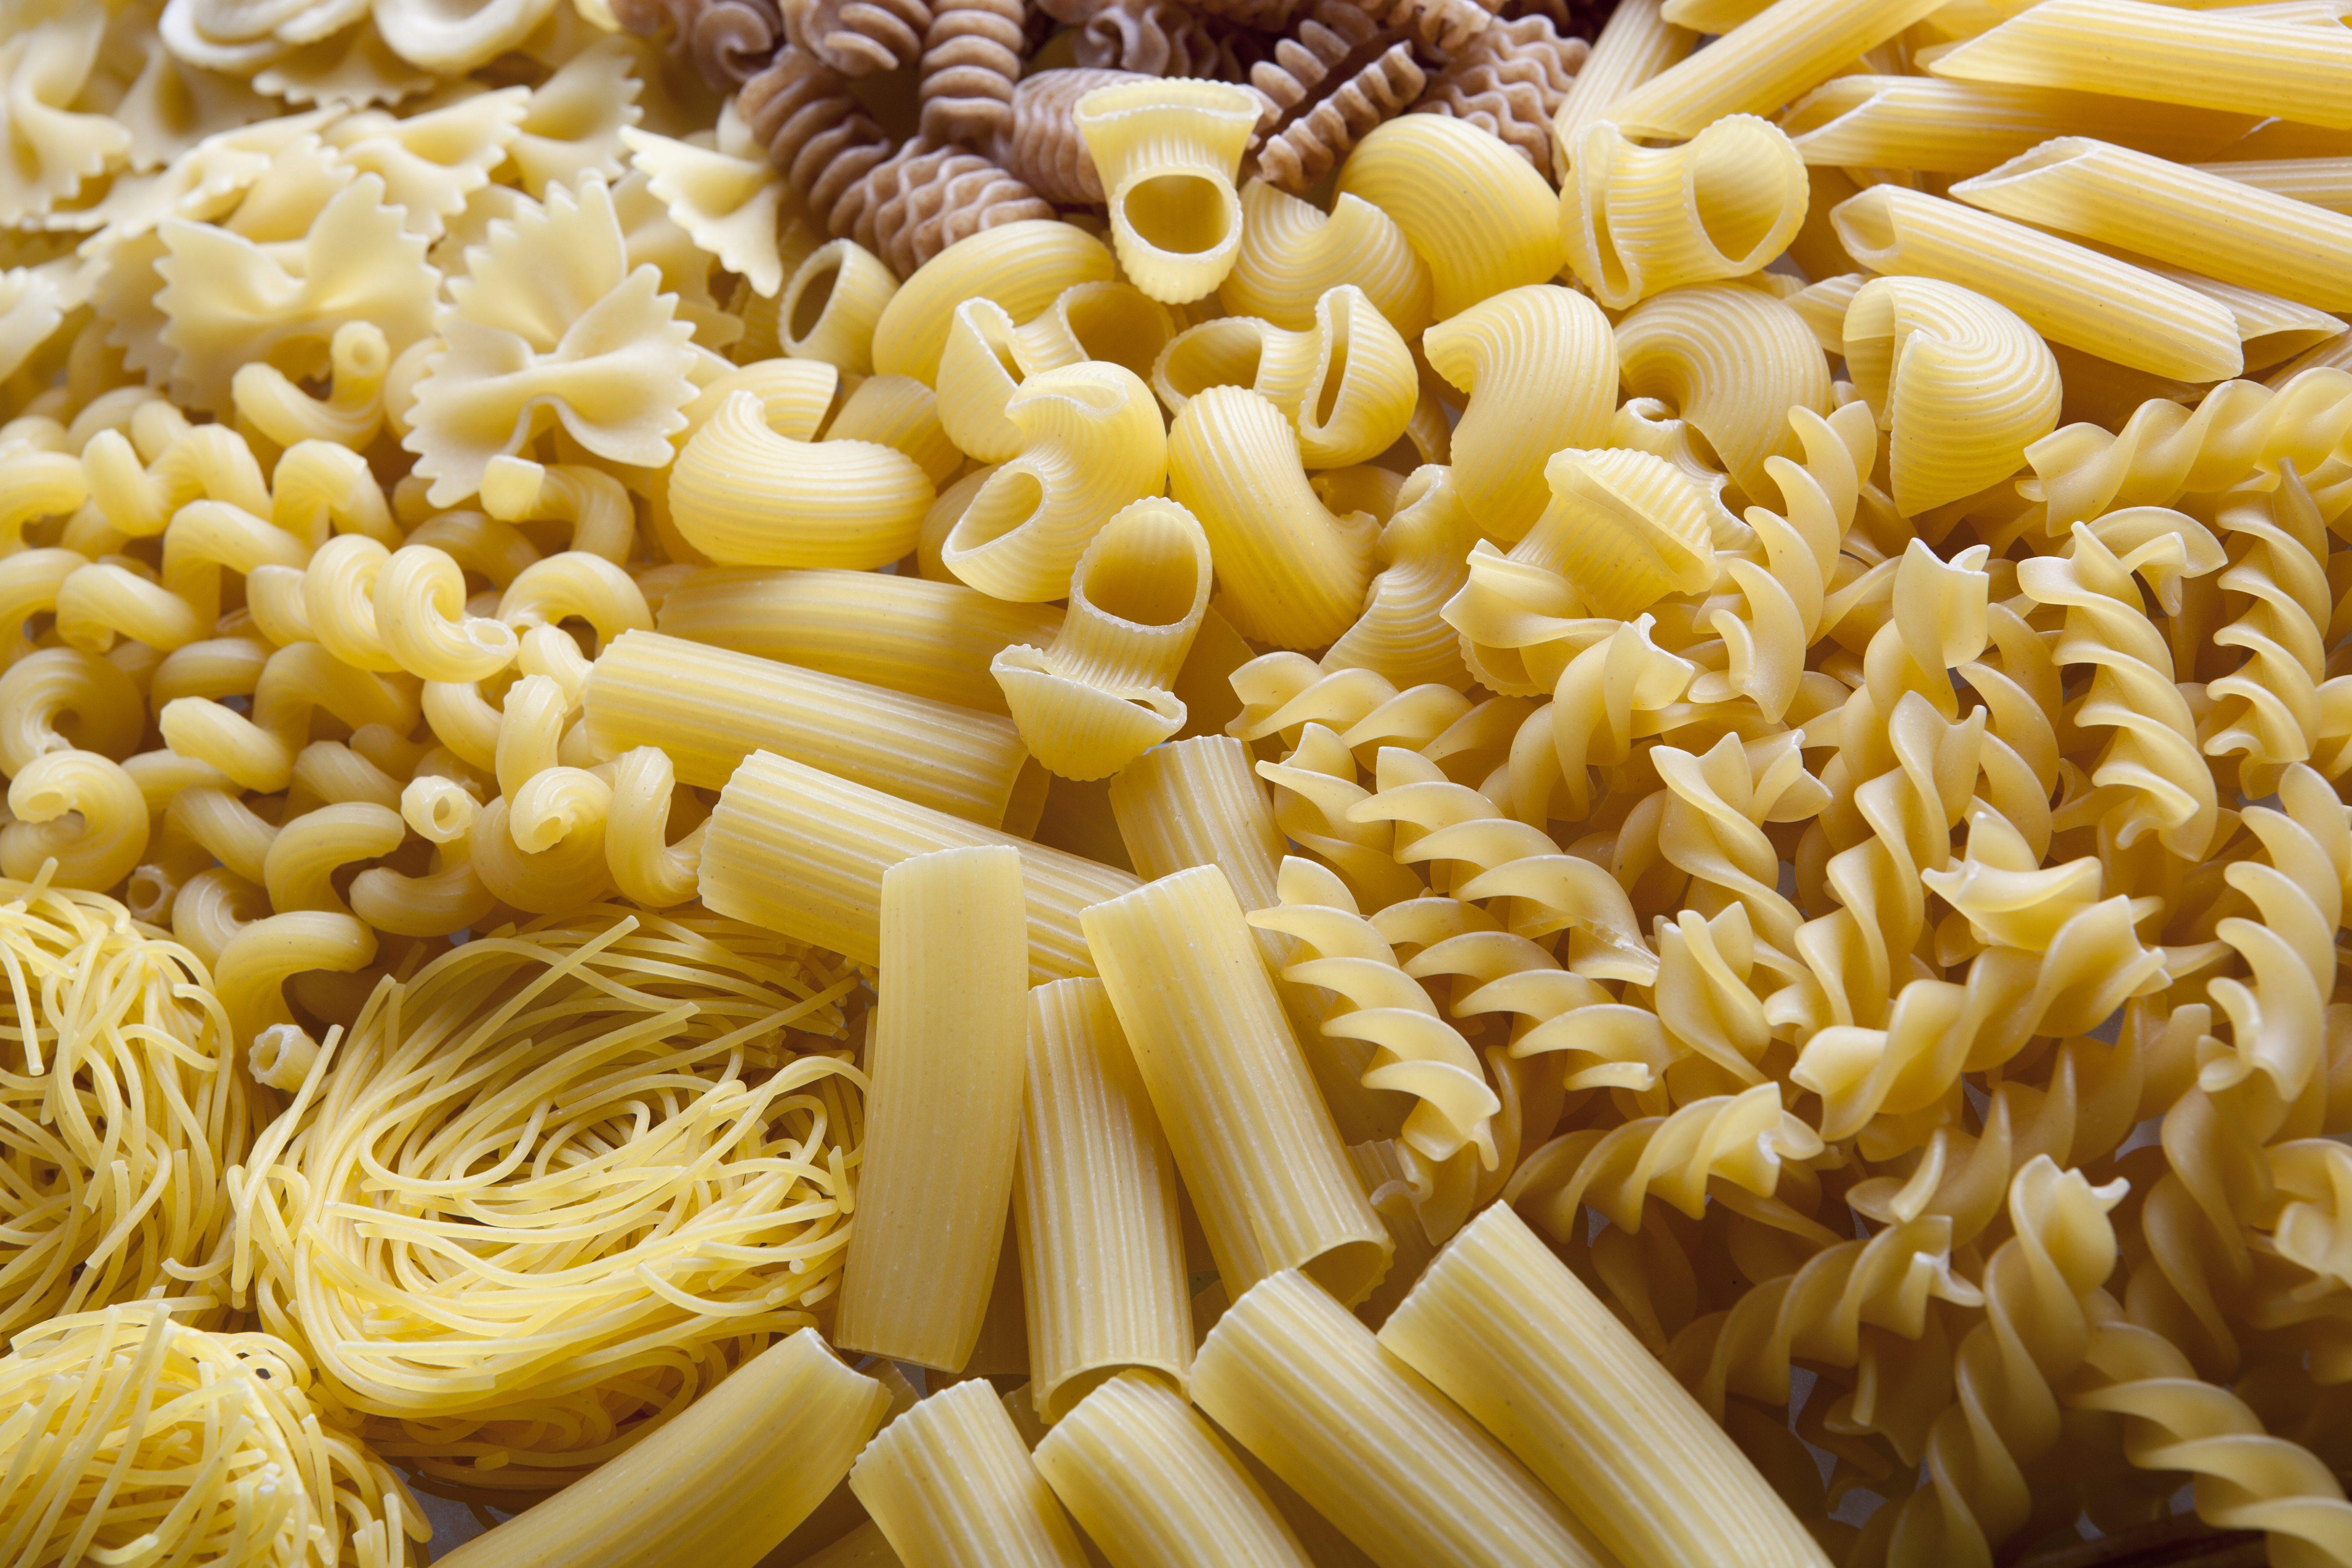 Spaghetti lovers, il formato di pasta più amato dagli italiani